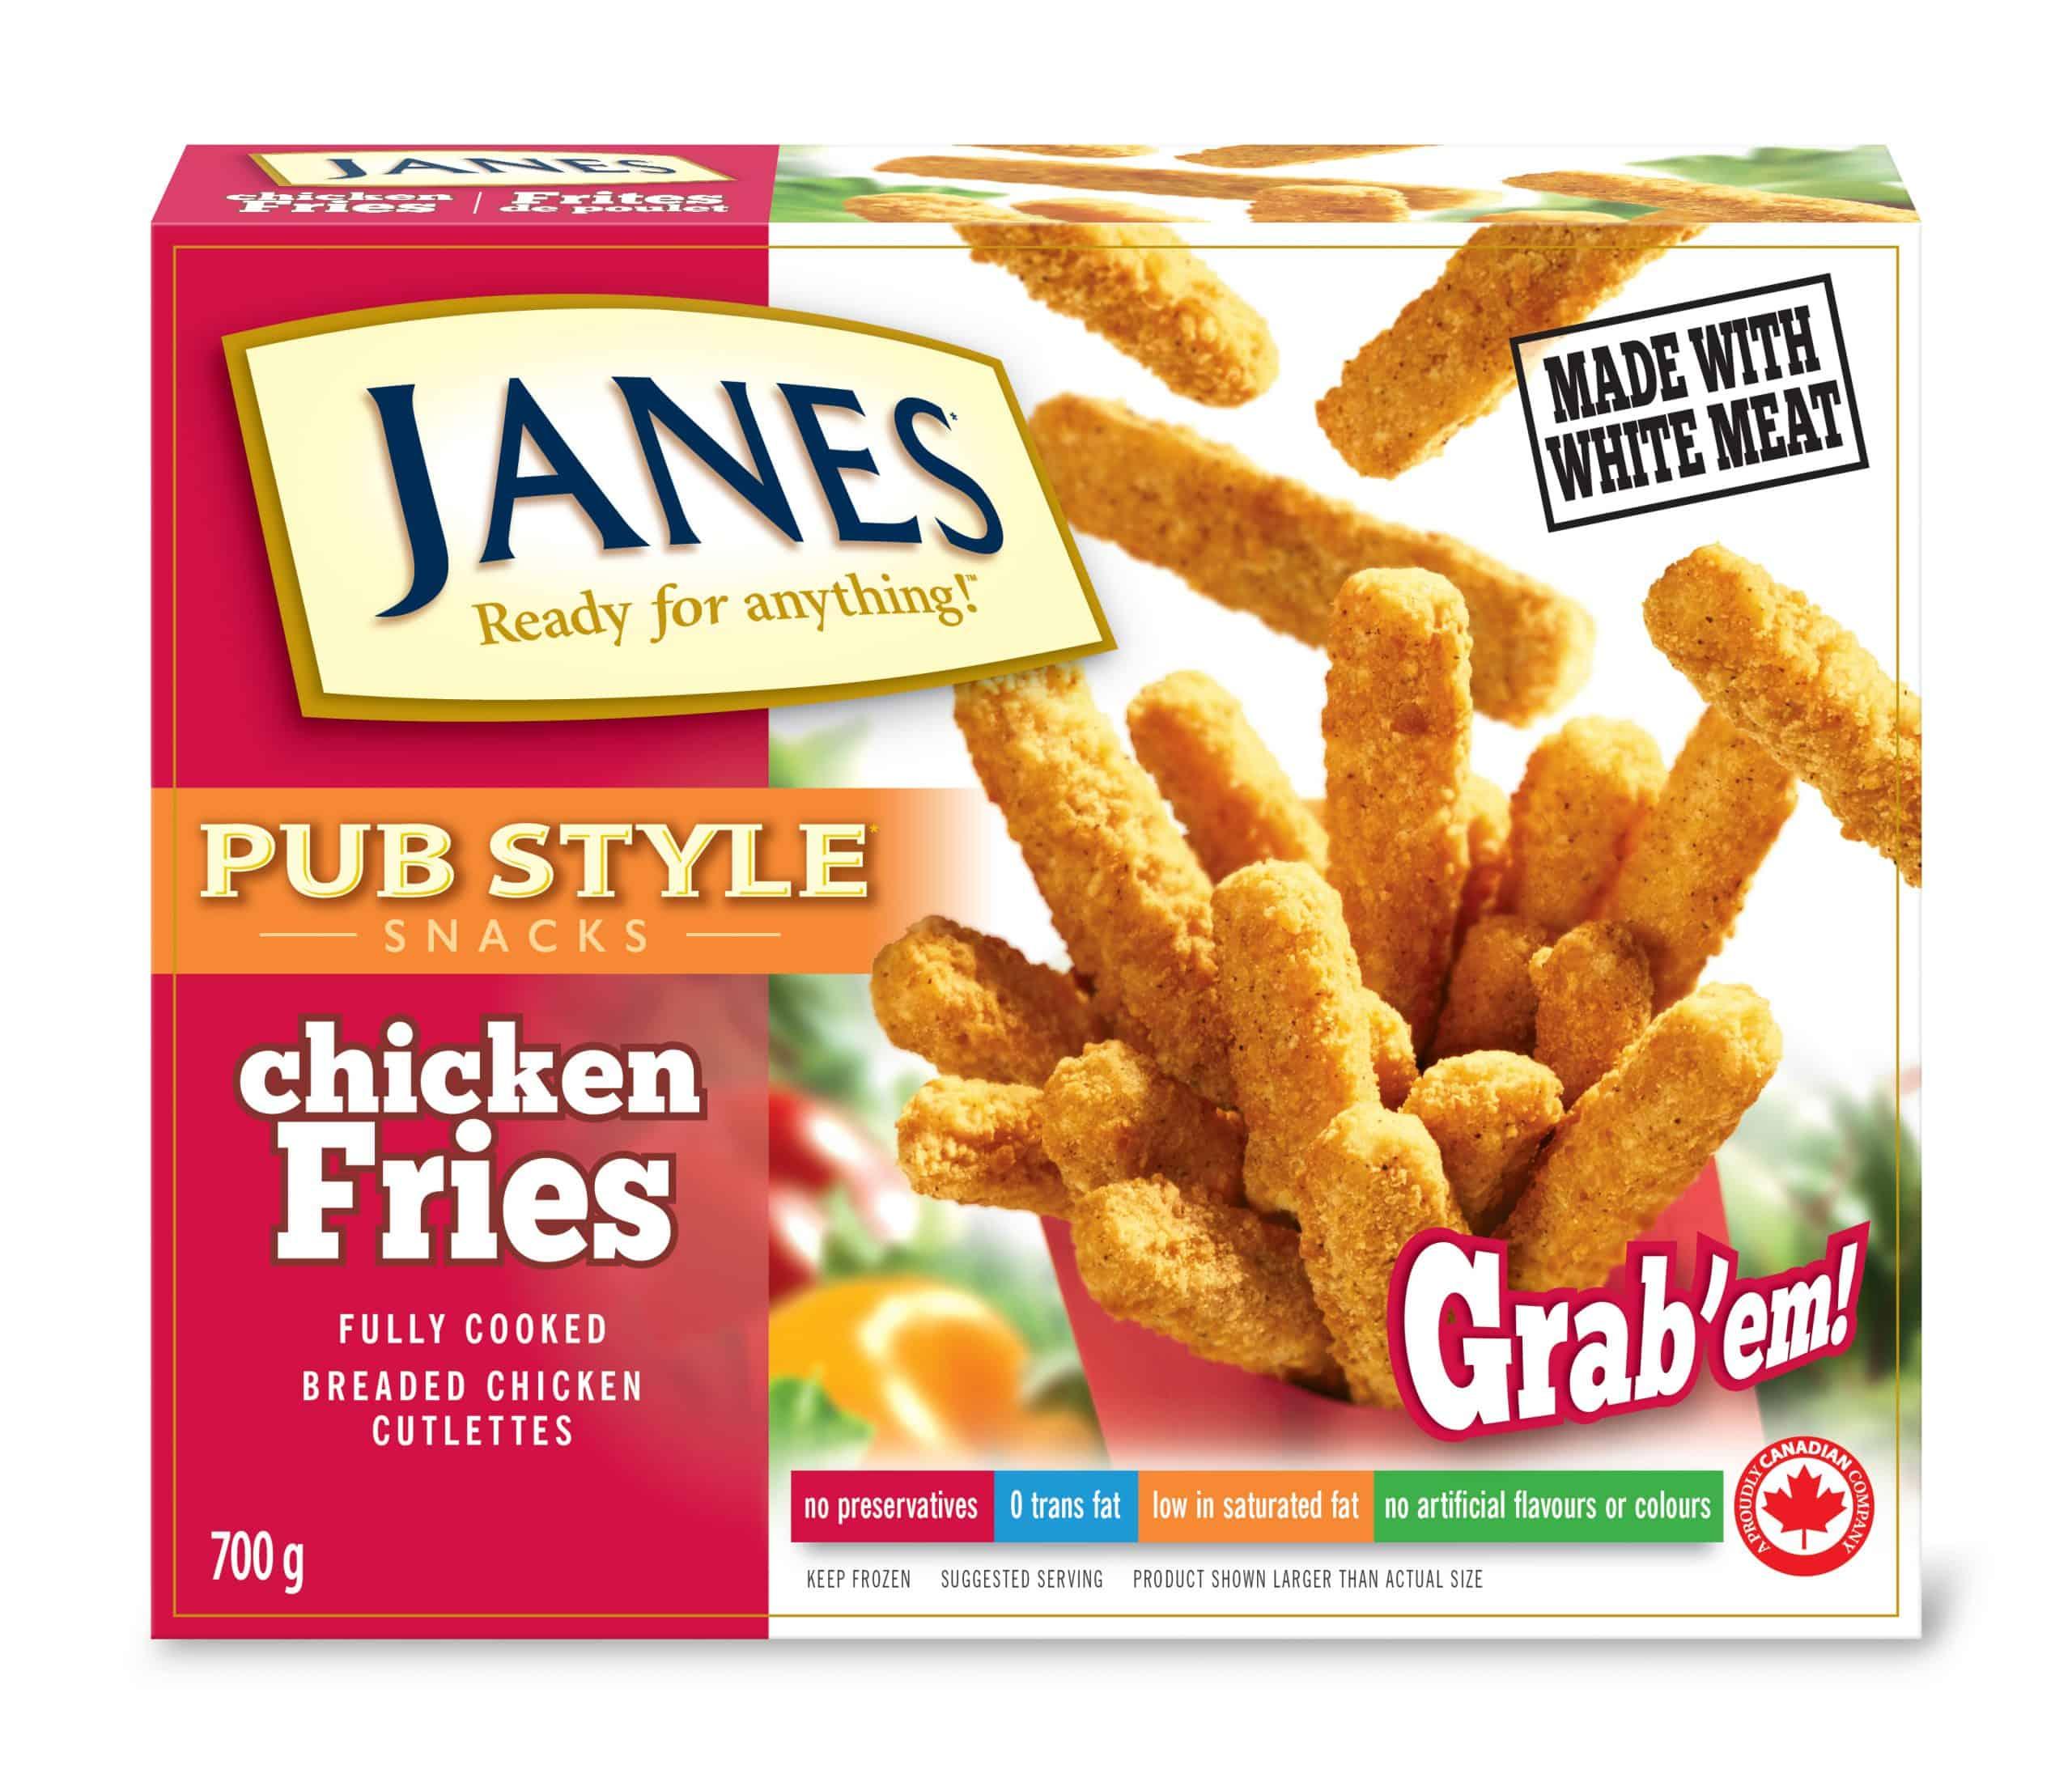 Pub Style Chicken Fries